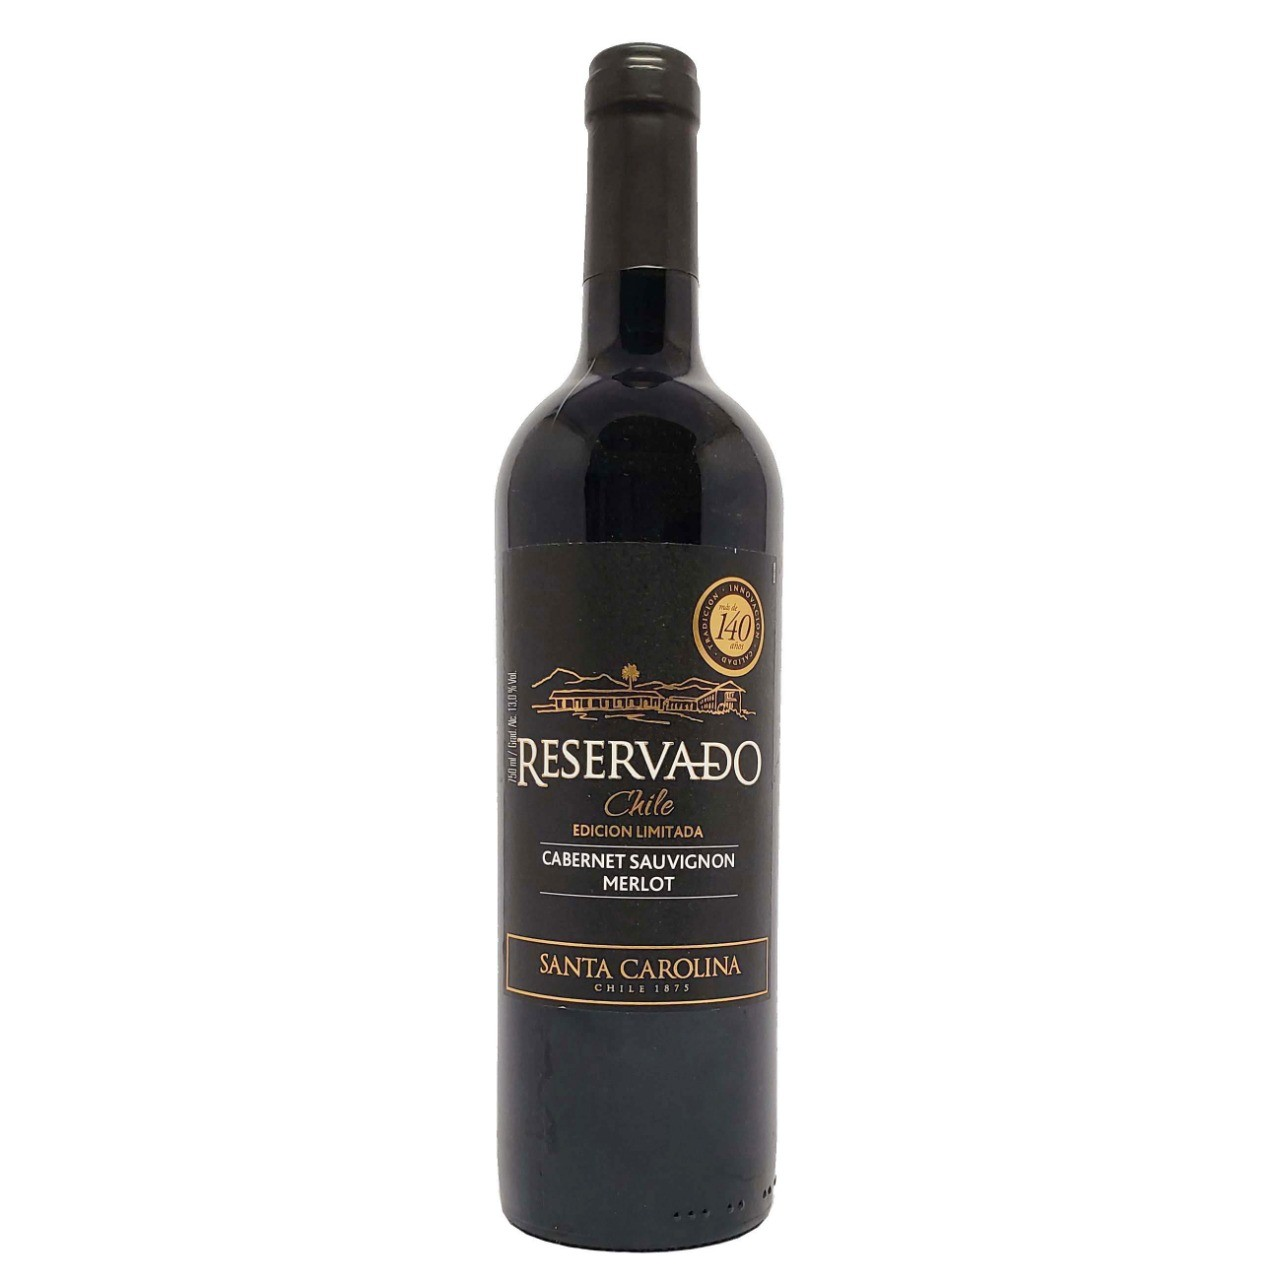 Vinho Tinto Reservado Edición Limitada Cabernet Sauvignon Merlot Santa Carolina  - 750ml -